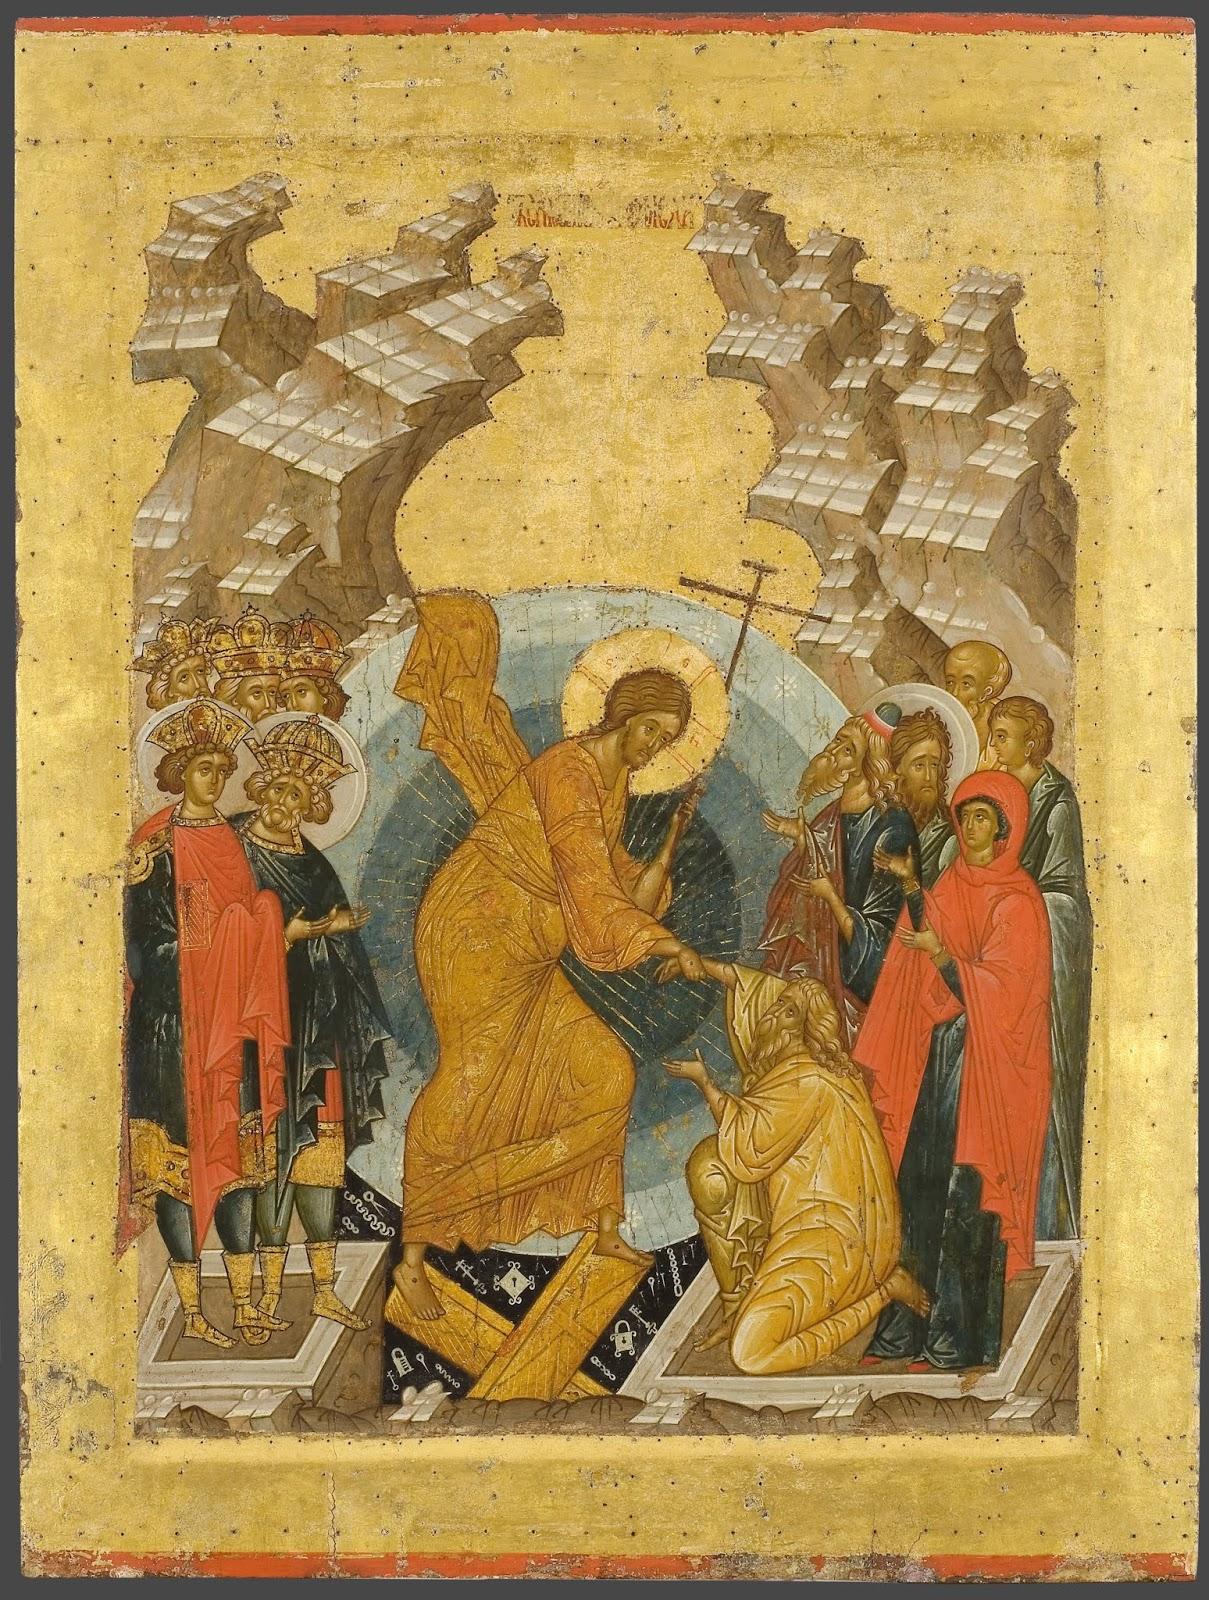 Descida ao inferno e a Ressurreição de Cristo